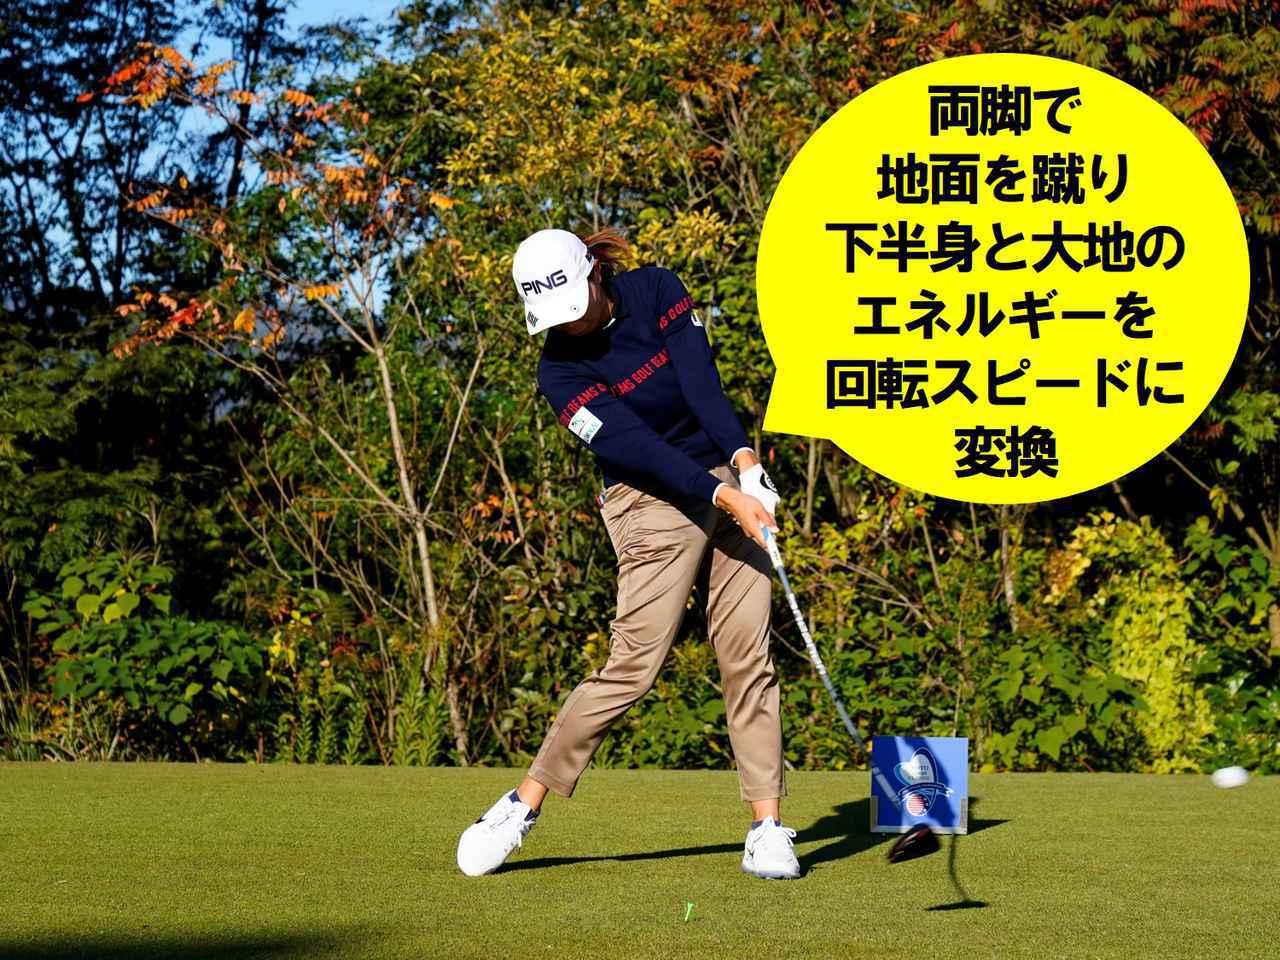 画像4: 【渋野日向子】小さな動きで最大パワーと最速スピード。これぞ令和のアスレチックスウィング!